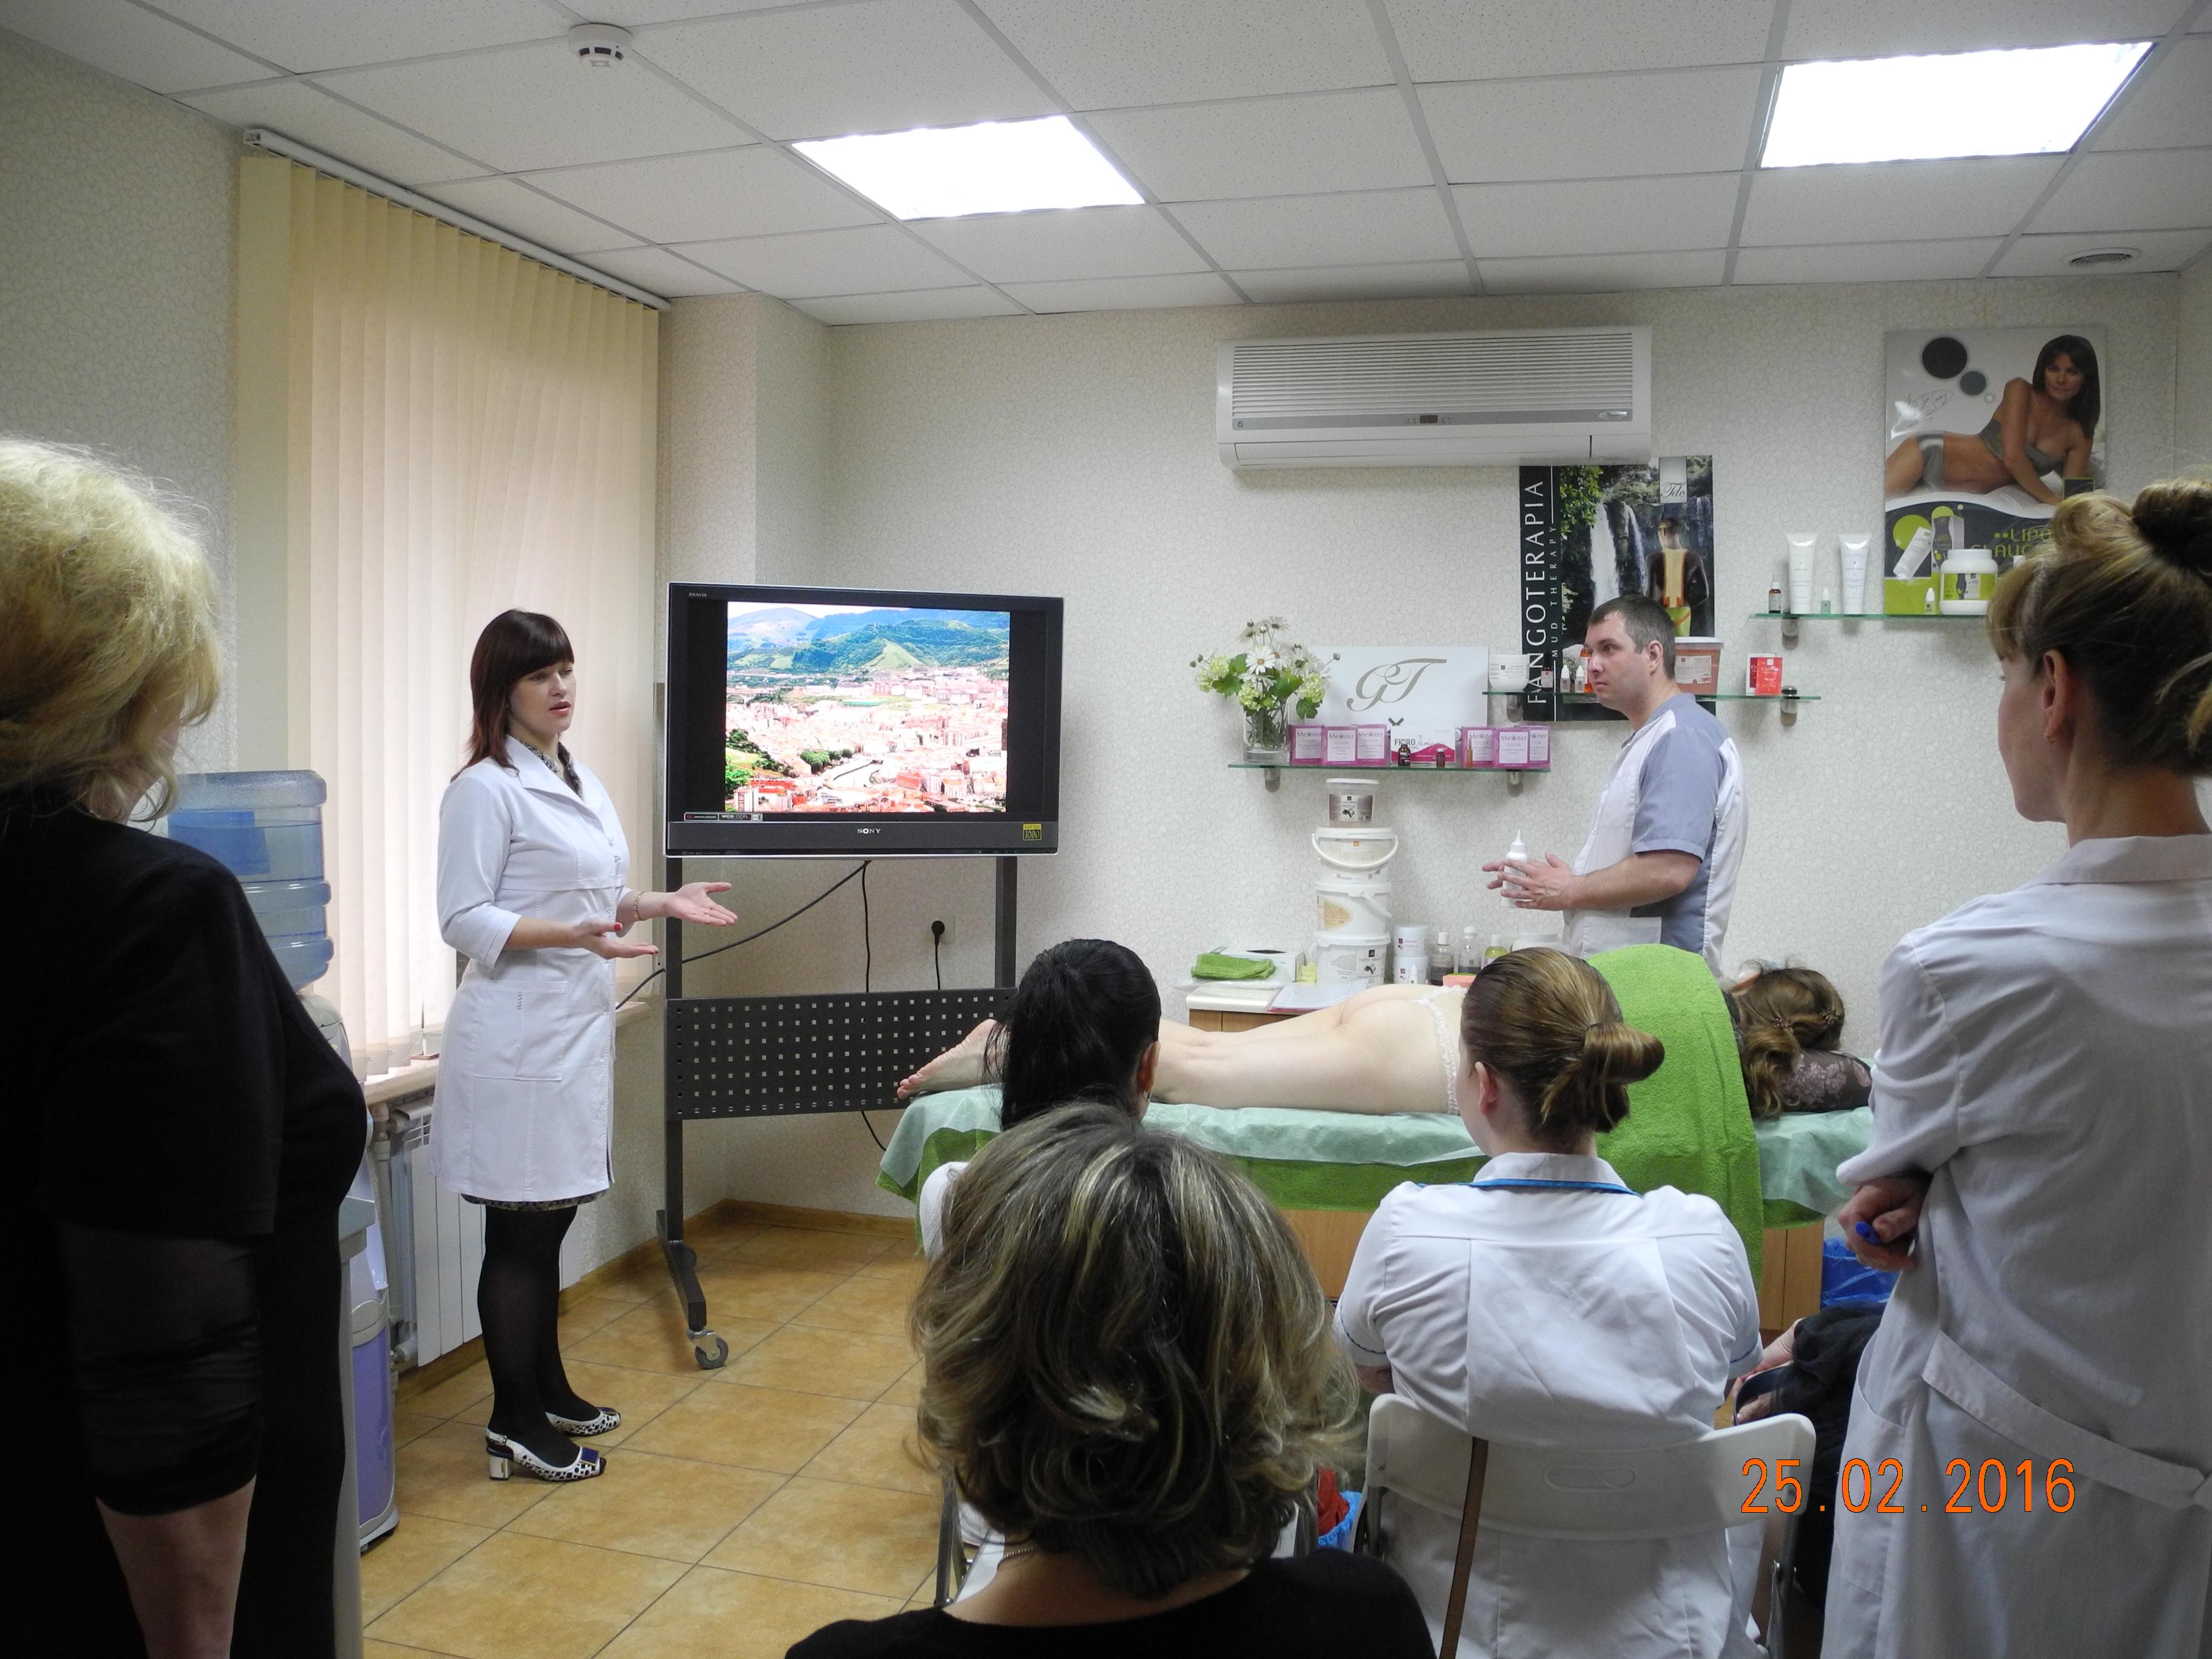 Семинар -практикум. Липолитическая и антицеллюлитная проограмма 25 февраля 2016г. г.Донецк